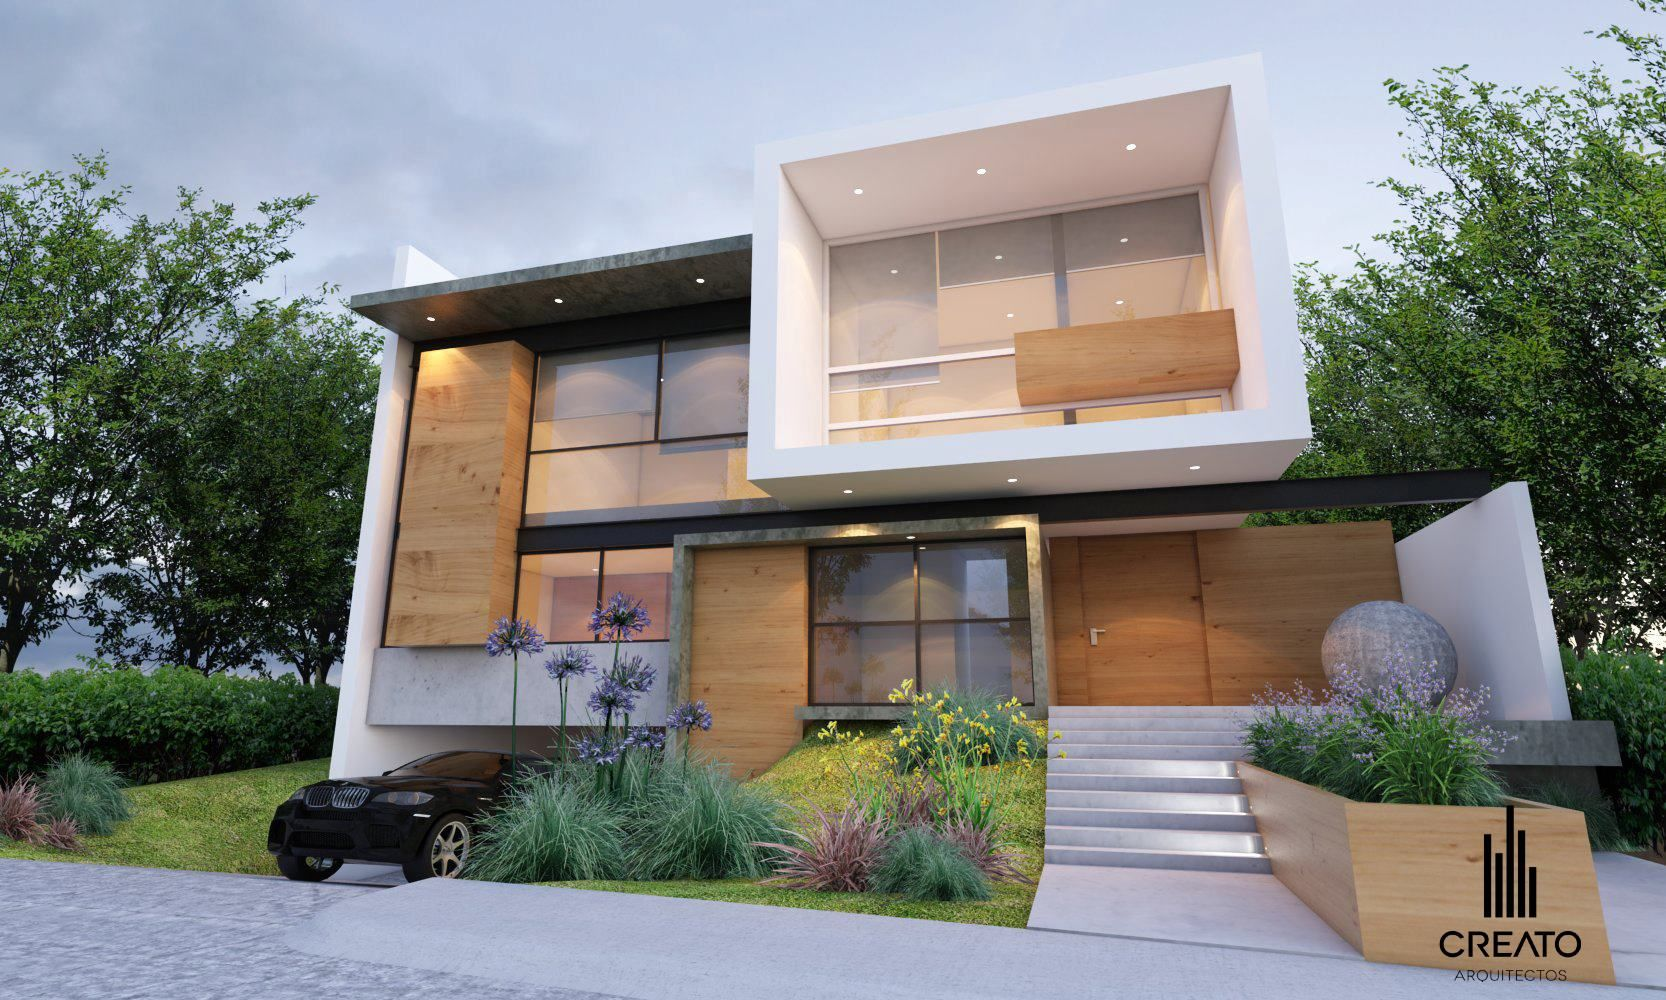 Fachadas creato arquitectos bosque pinterest - Arquitectos casas modernas ...